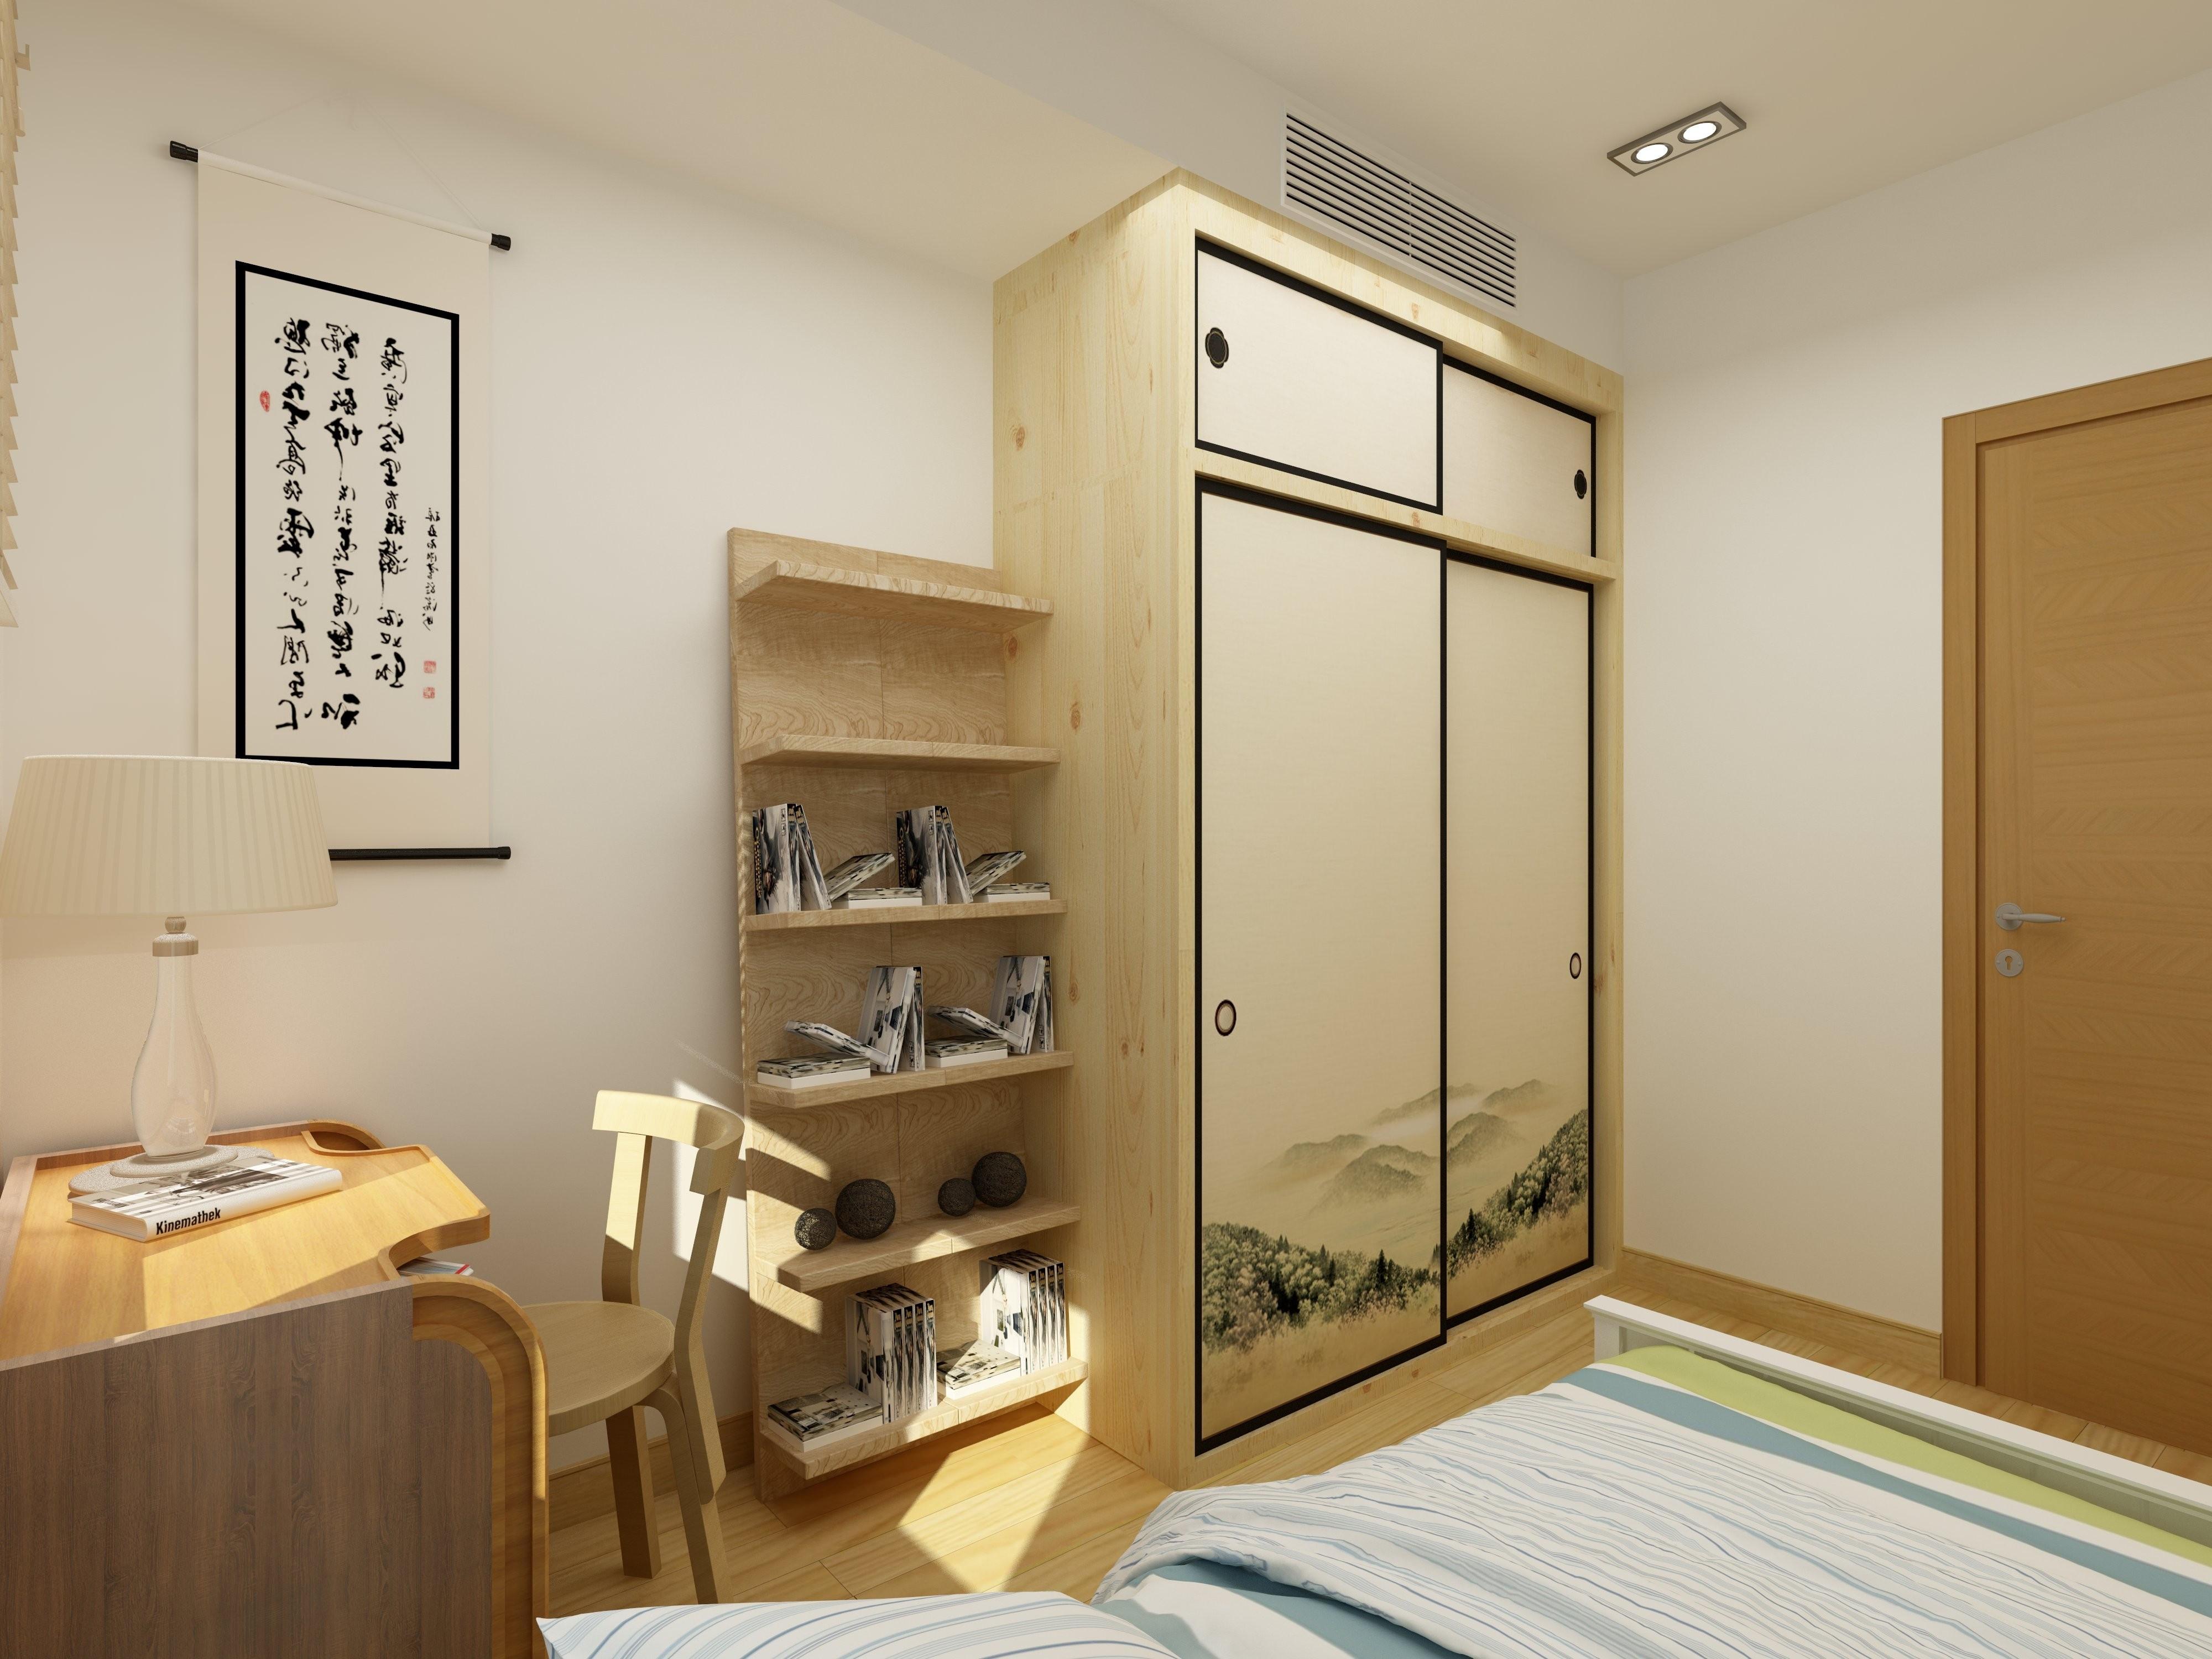 日式二居装修次卧效果图